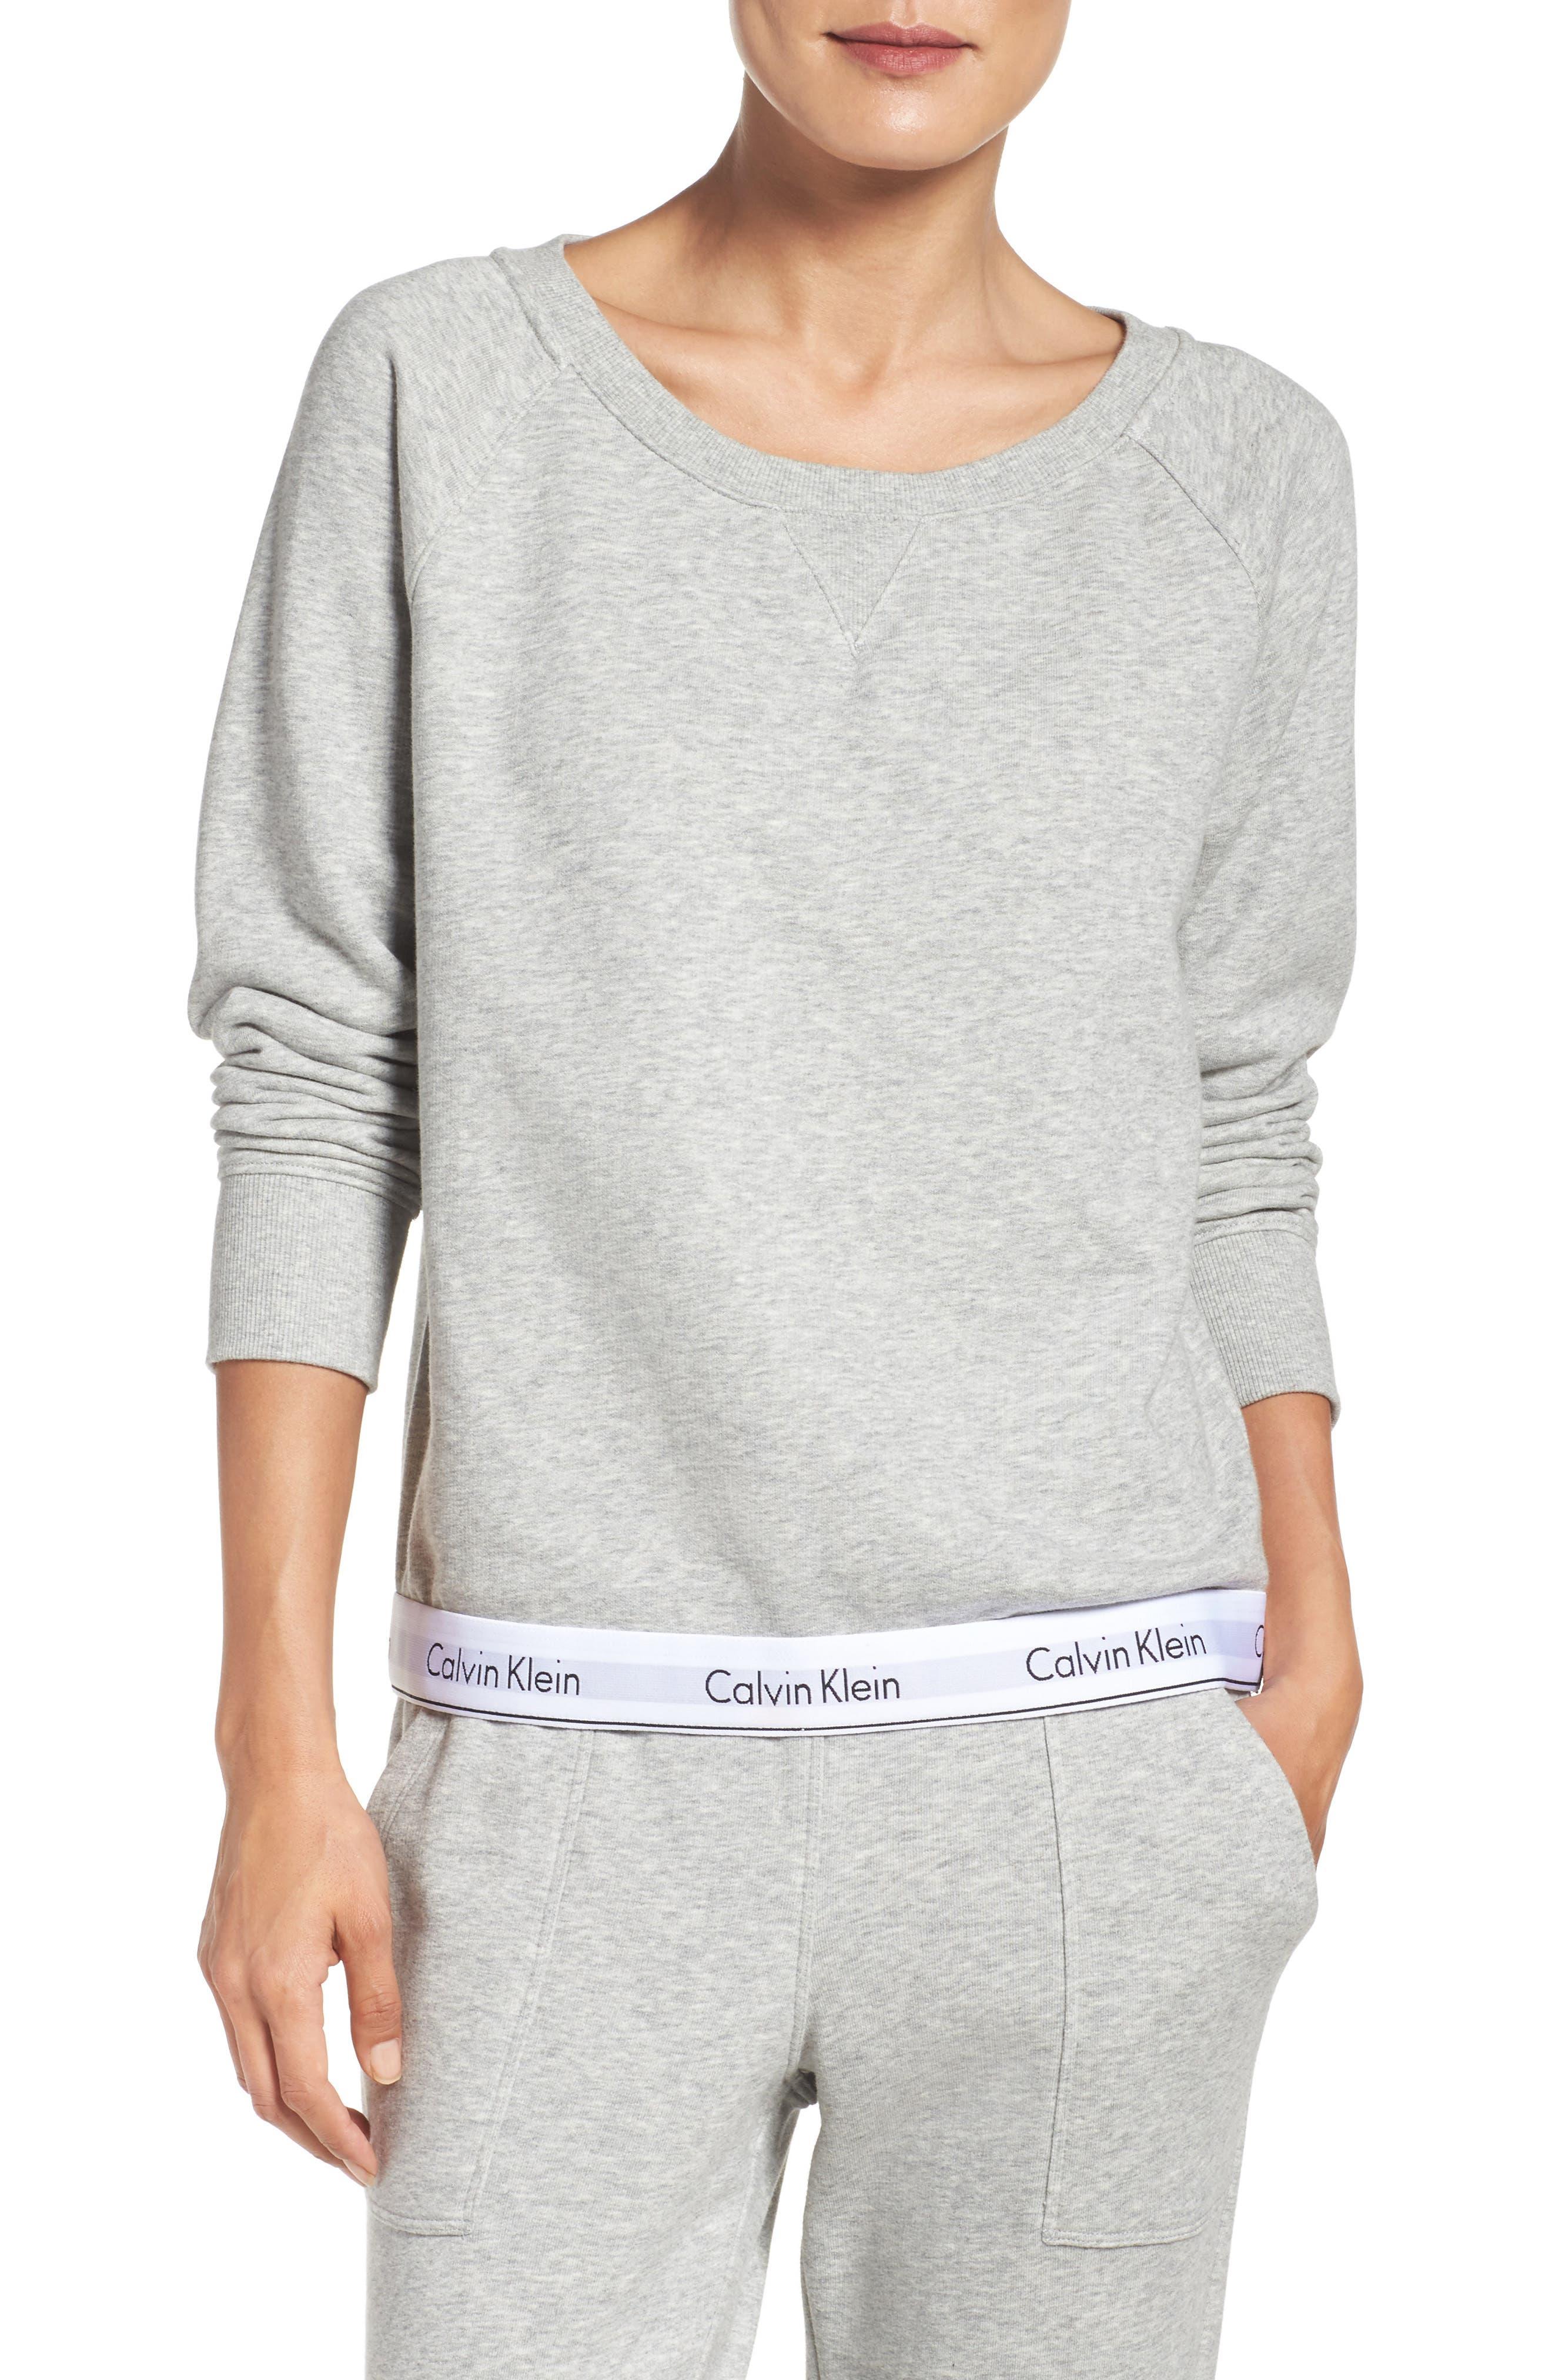 Main Image - Calvin Klein Lounge Sweatshirt